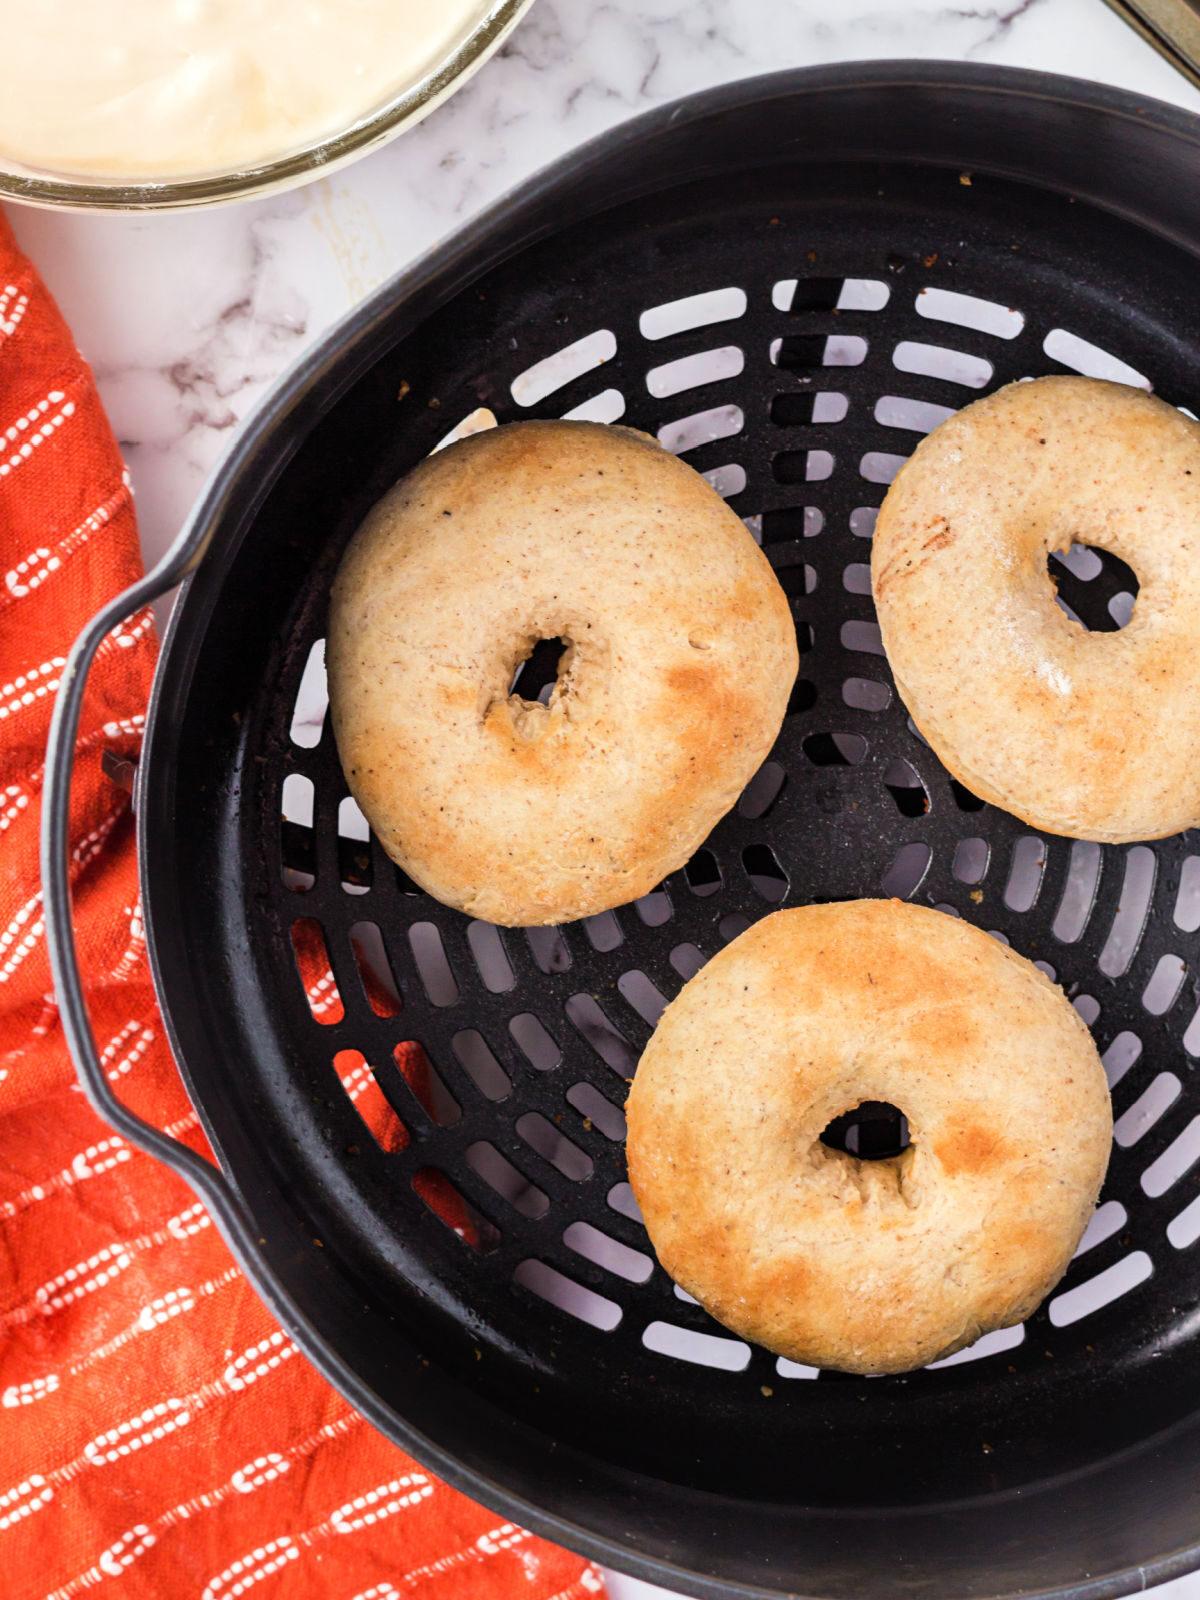 Three doughnuts in an air fryer basket.